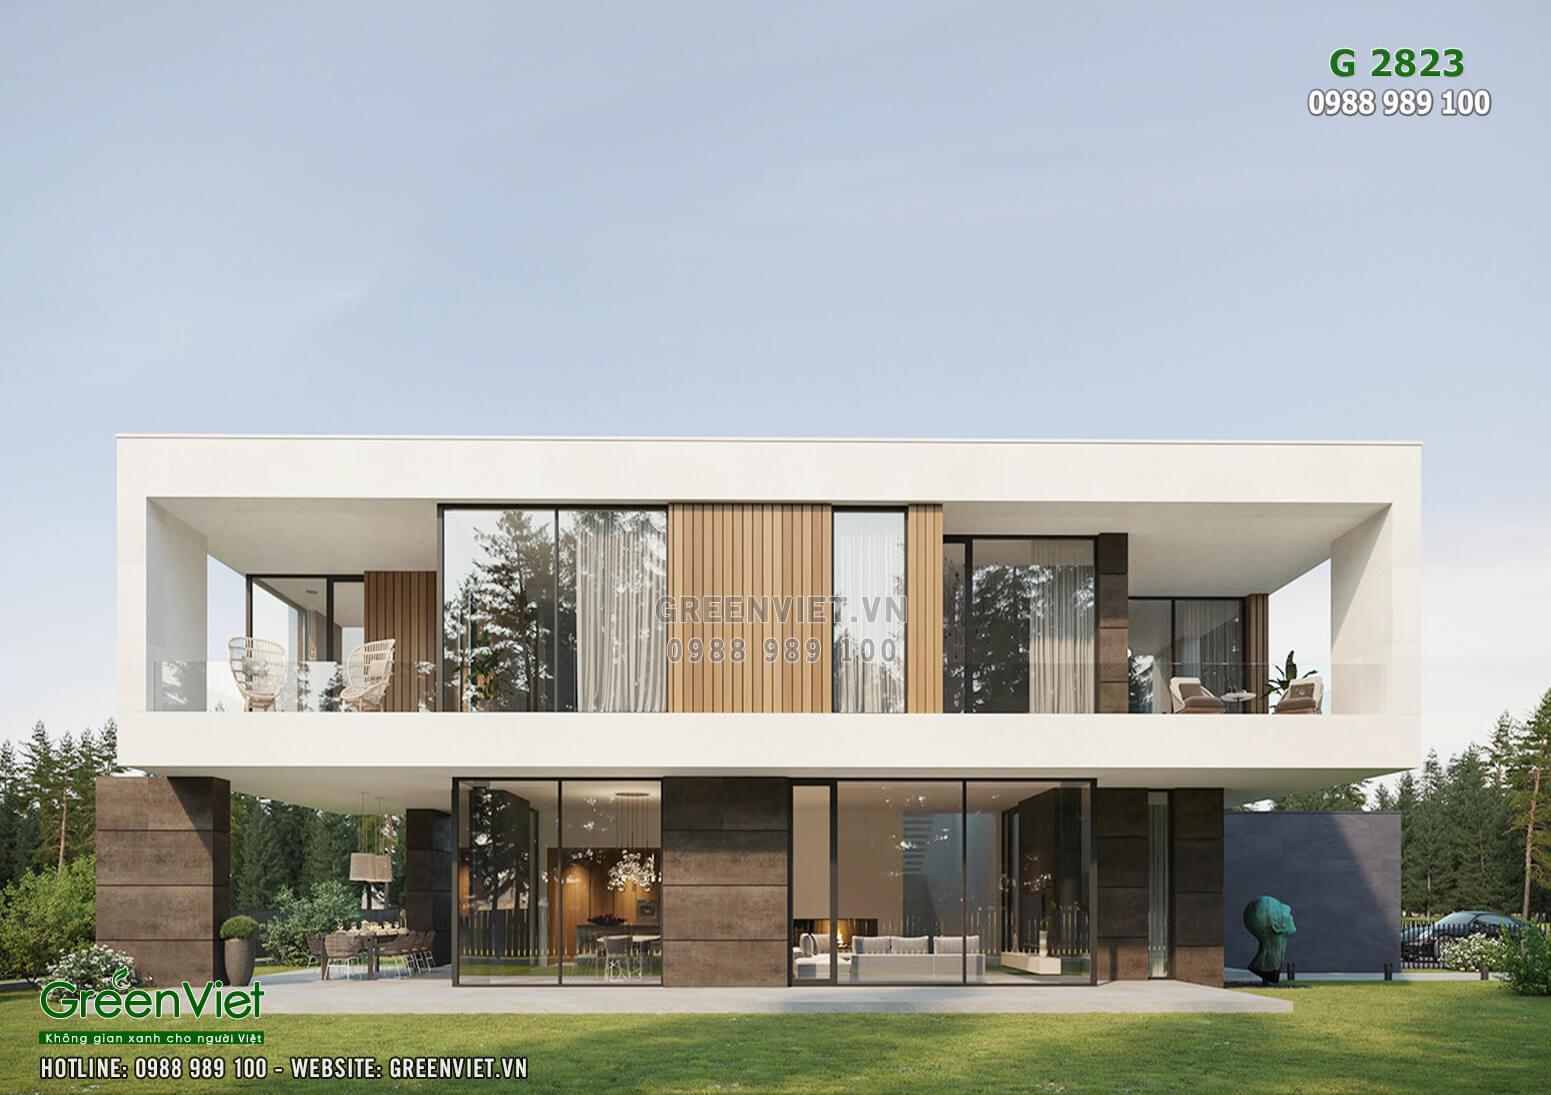 Hình ảnh: Mặt tiền mẫu thiết kế biệt thự hiện đại đẹp - G2823